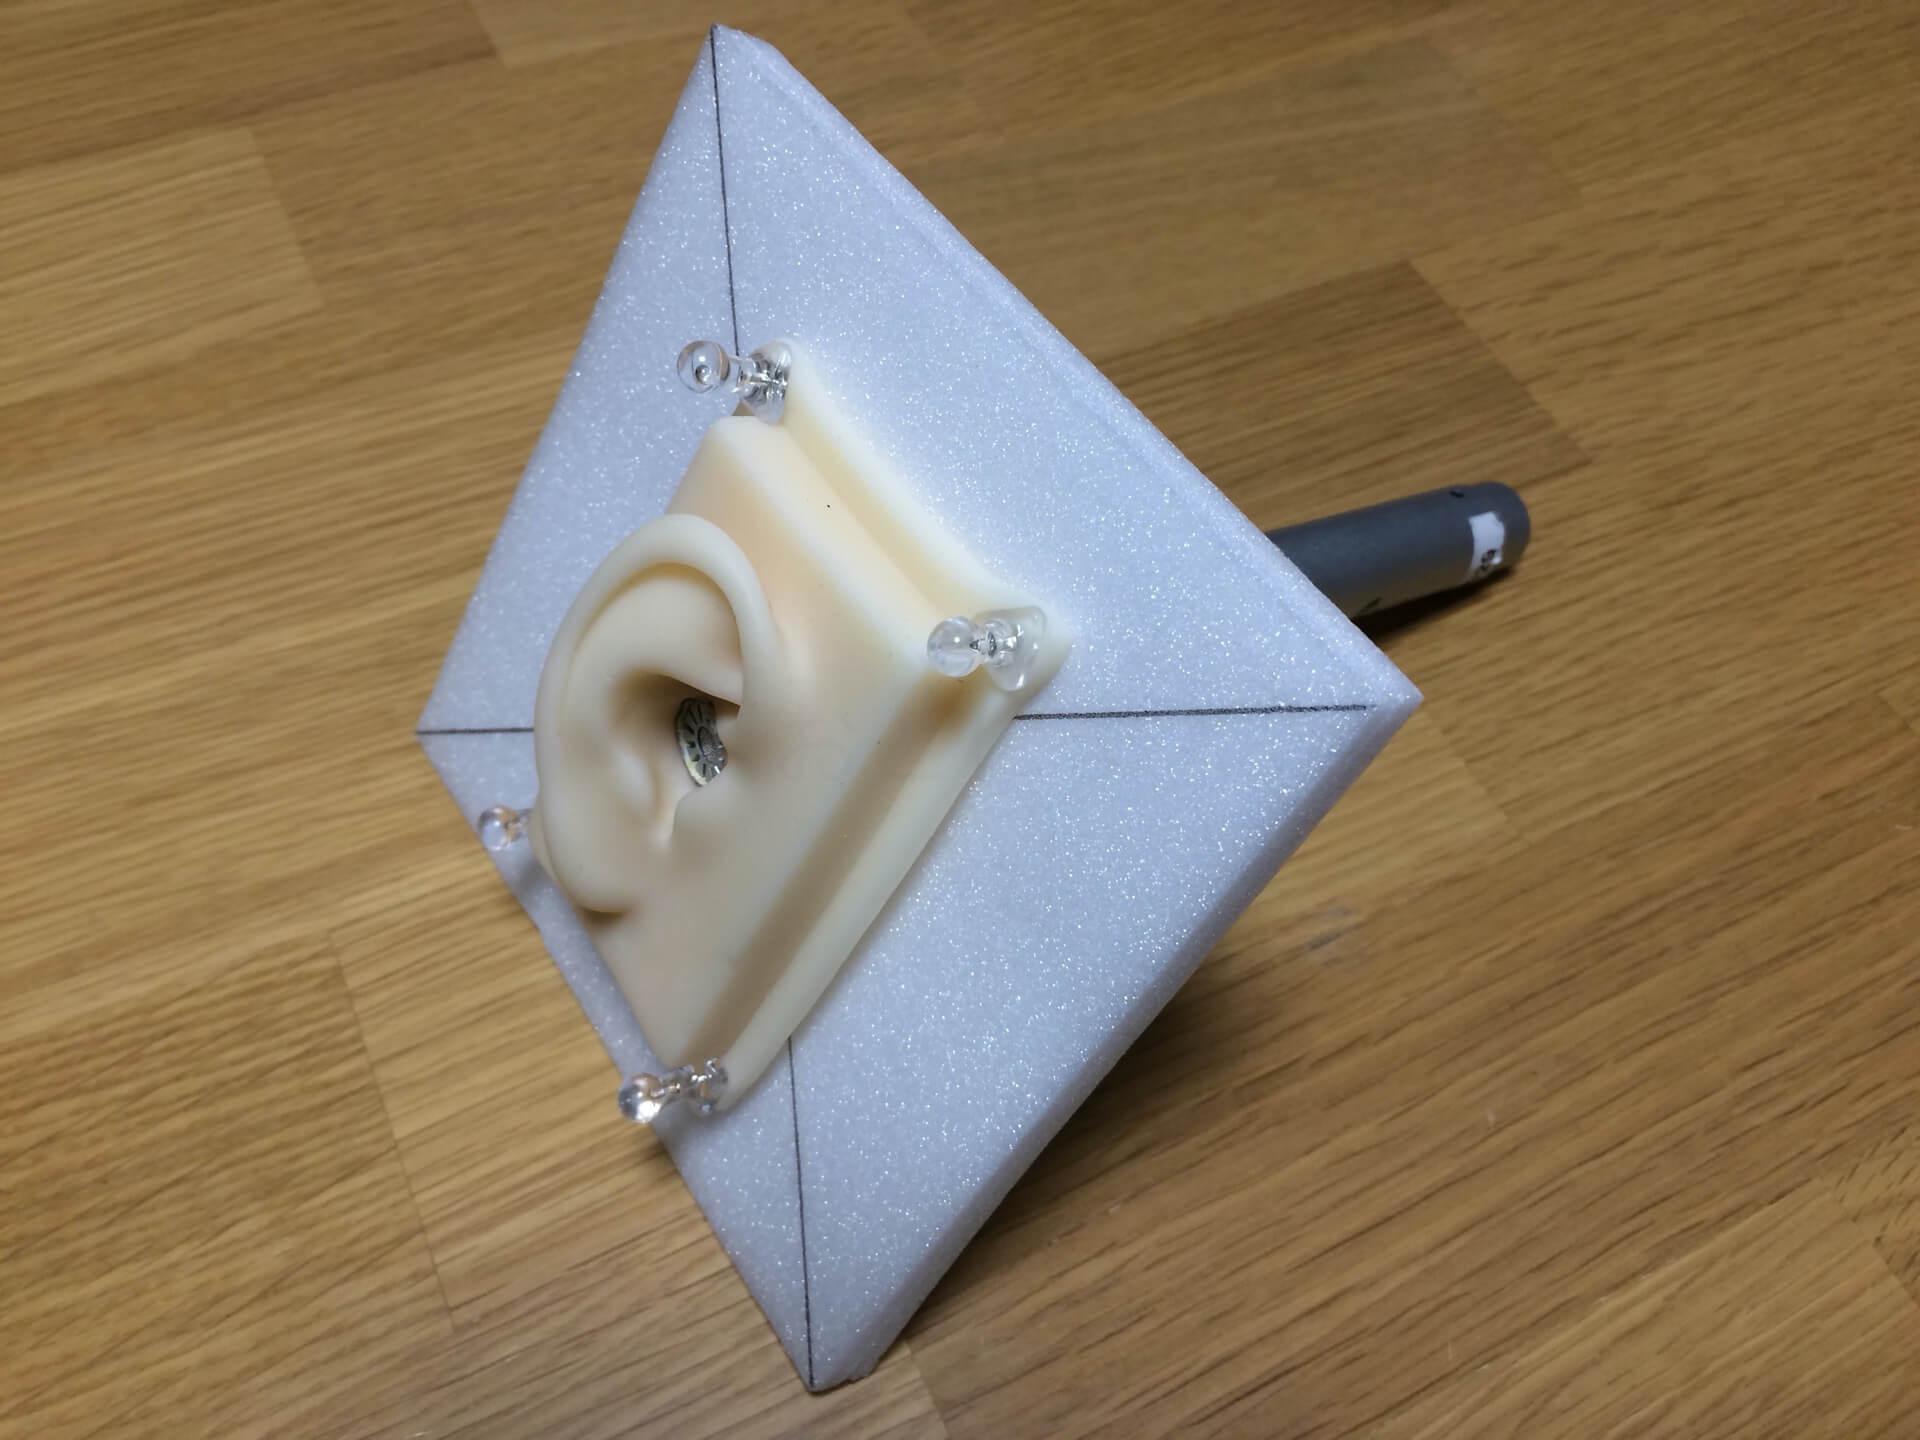 測定用の耳型とマイクを板に取り付けた様子